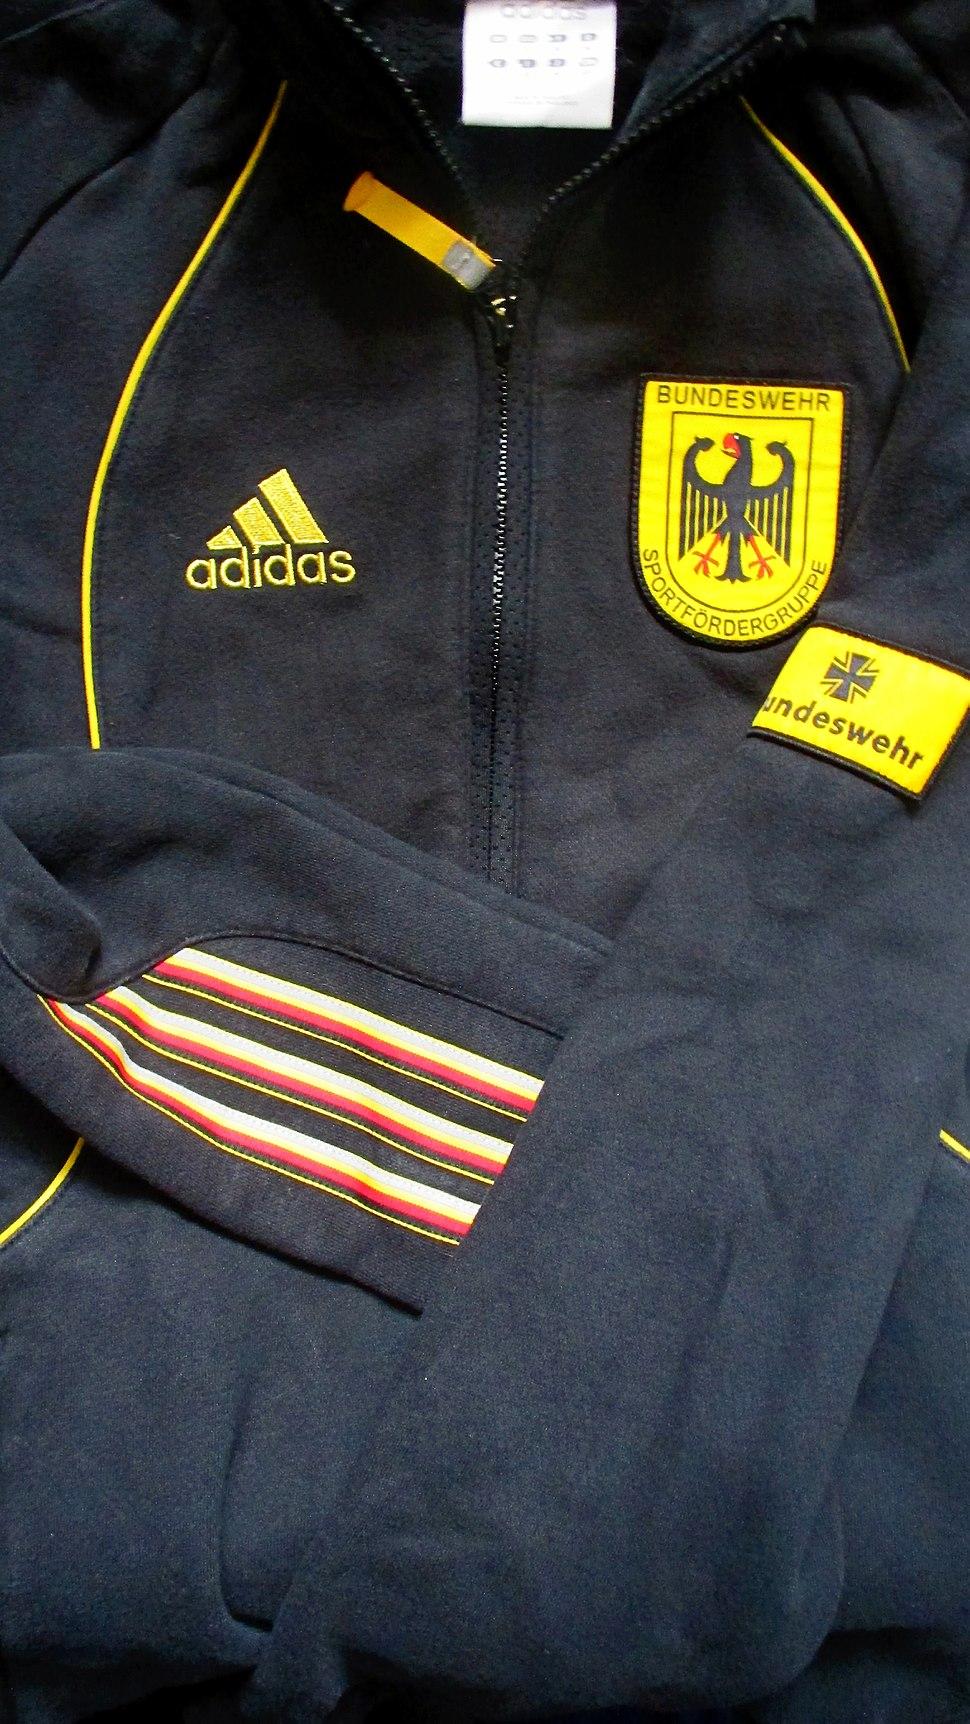 Bundeskader - Sportf%C3%B6rdergruppe der Bundeswehr - Trainingsanzug der Bundeswehr - Frauen